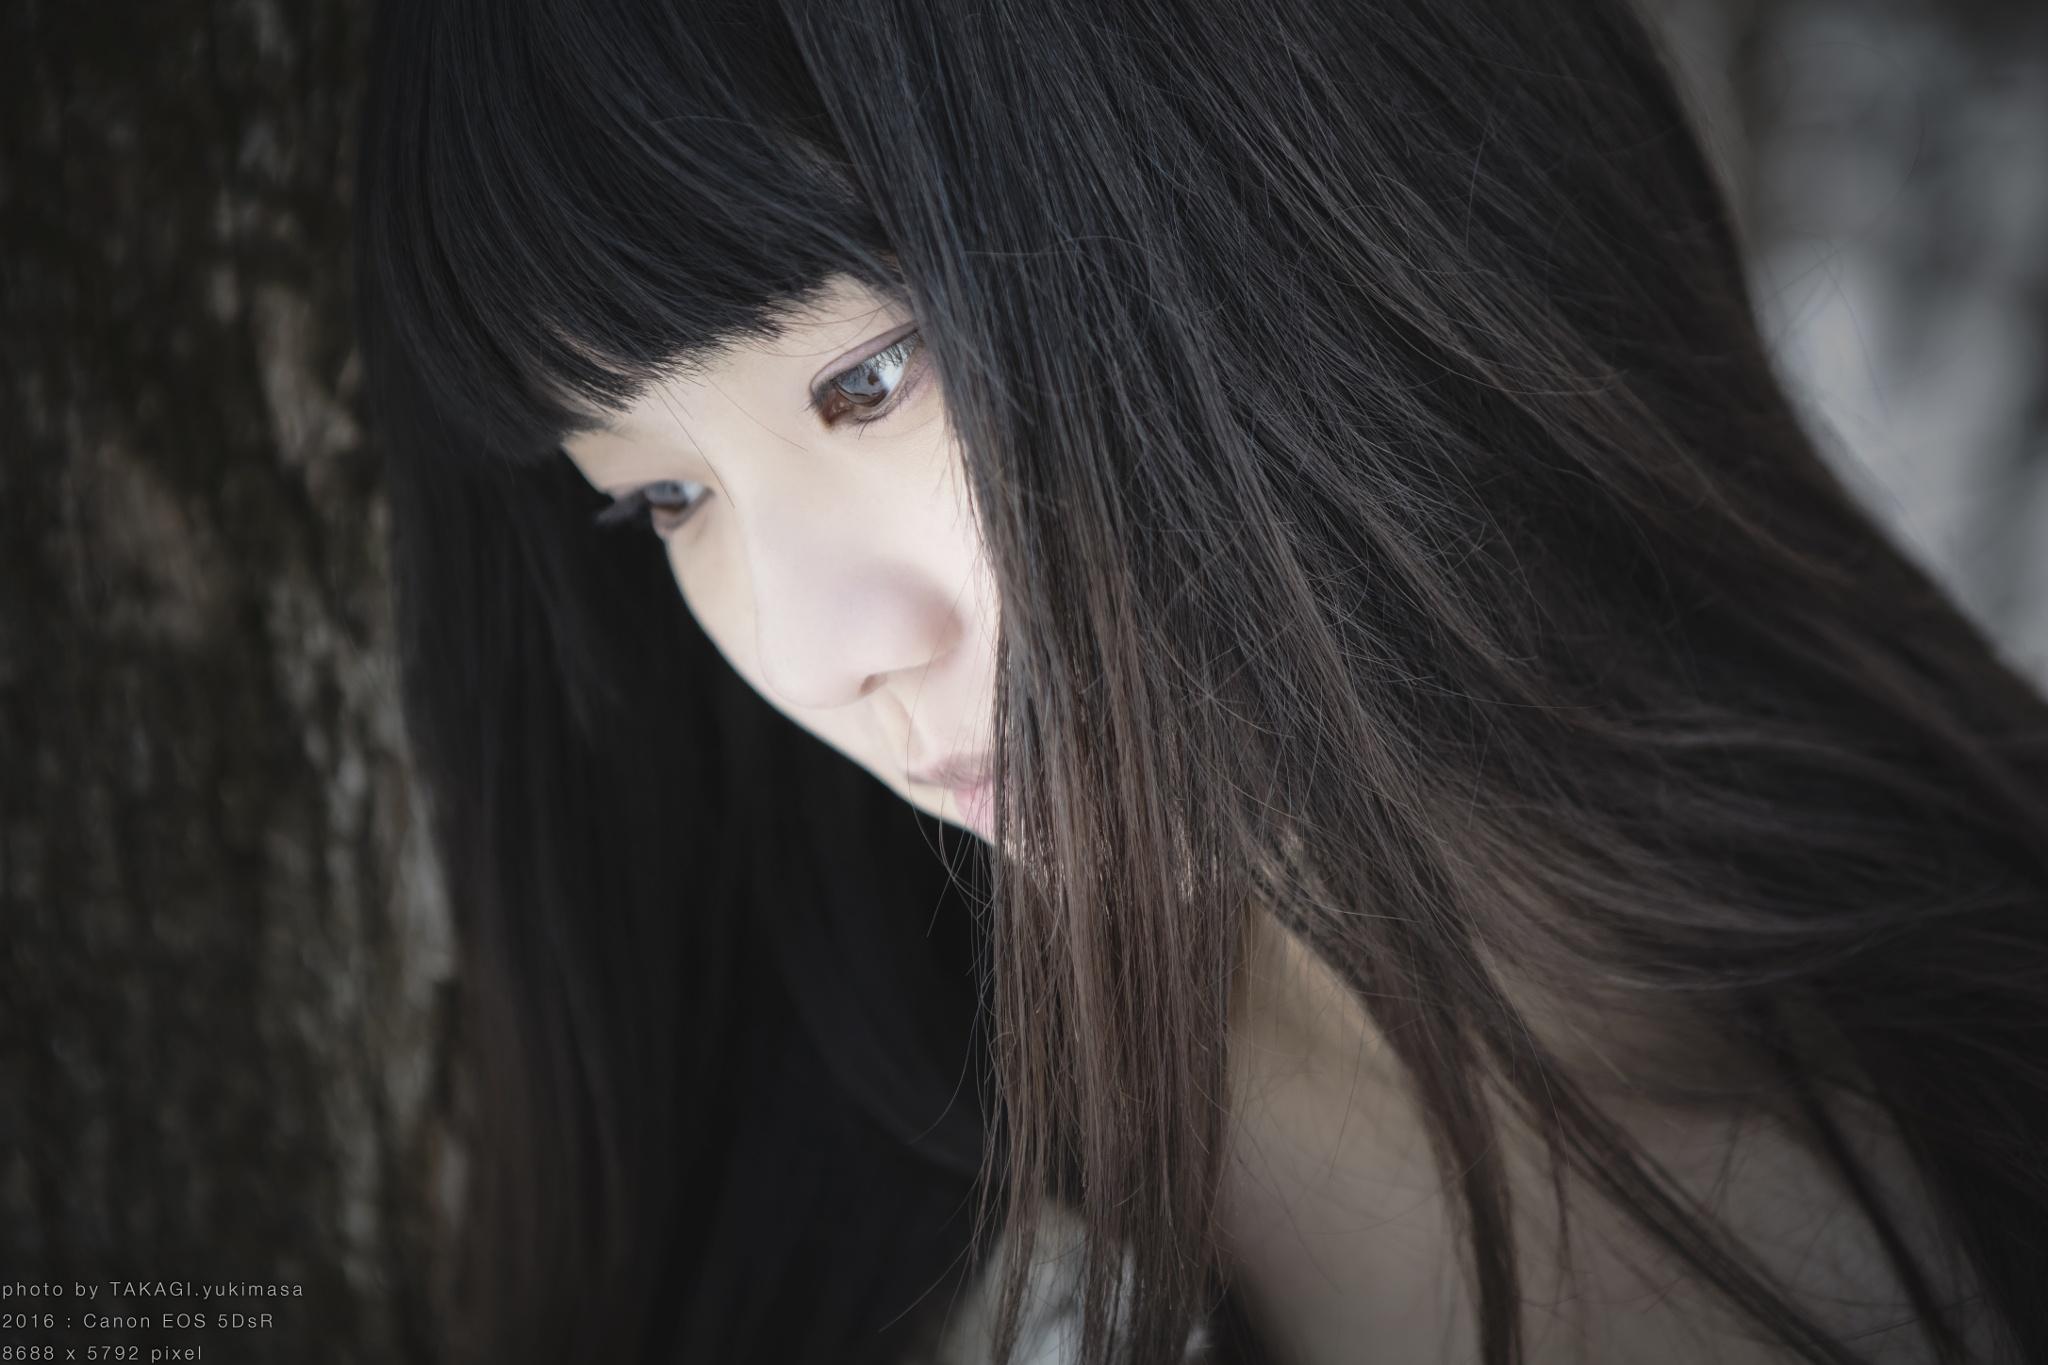 Patient by TAKAGIyukimasa